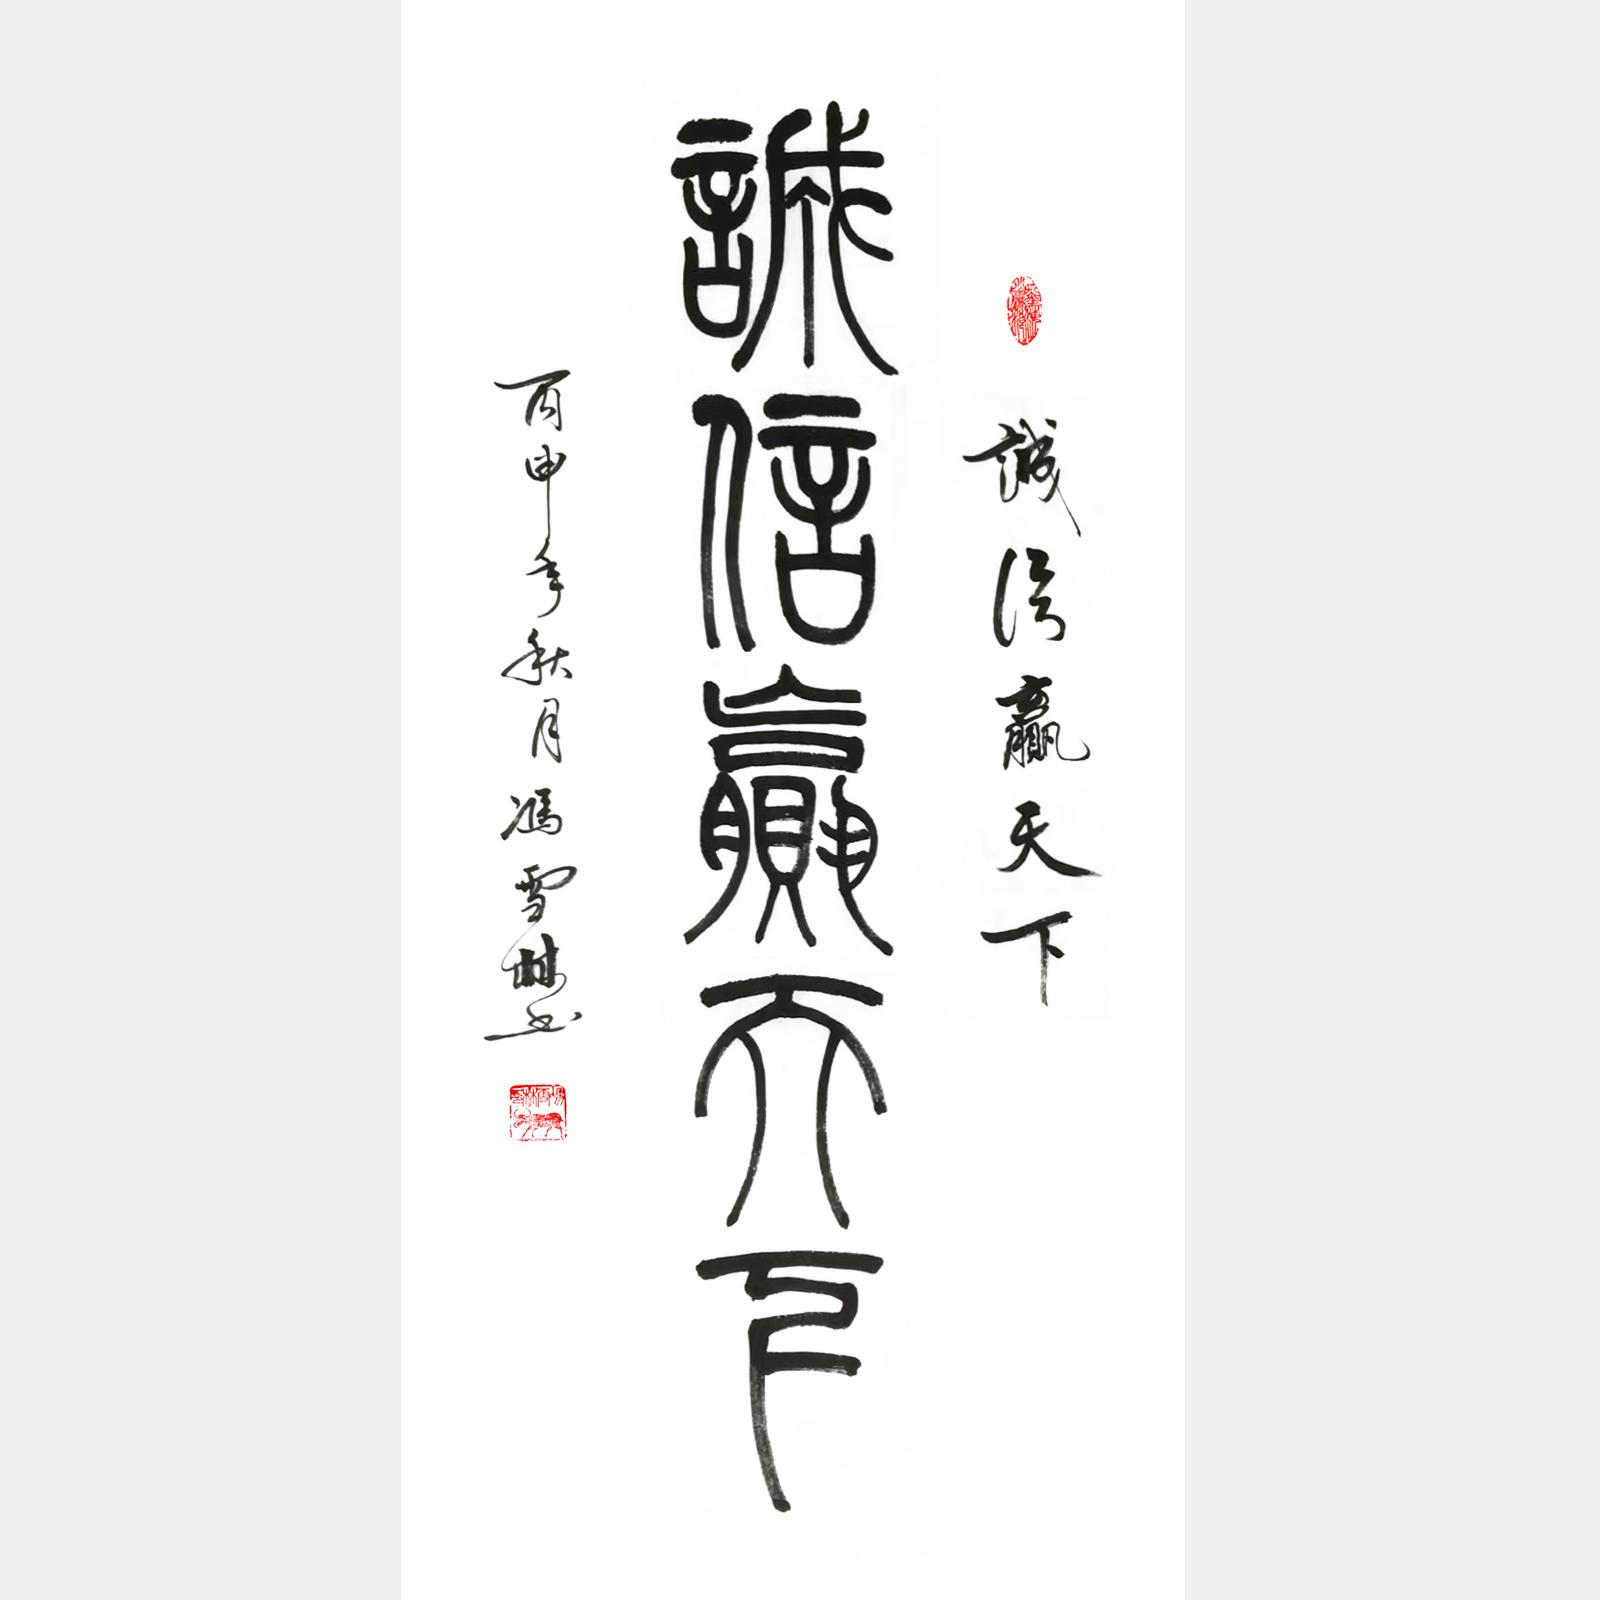 诚信赢天下书法作品 篆书书法字画 横幅 竖幅 经商格言